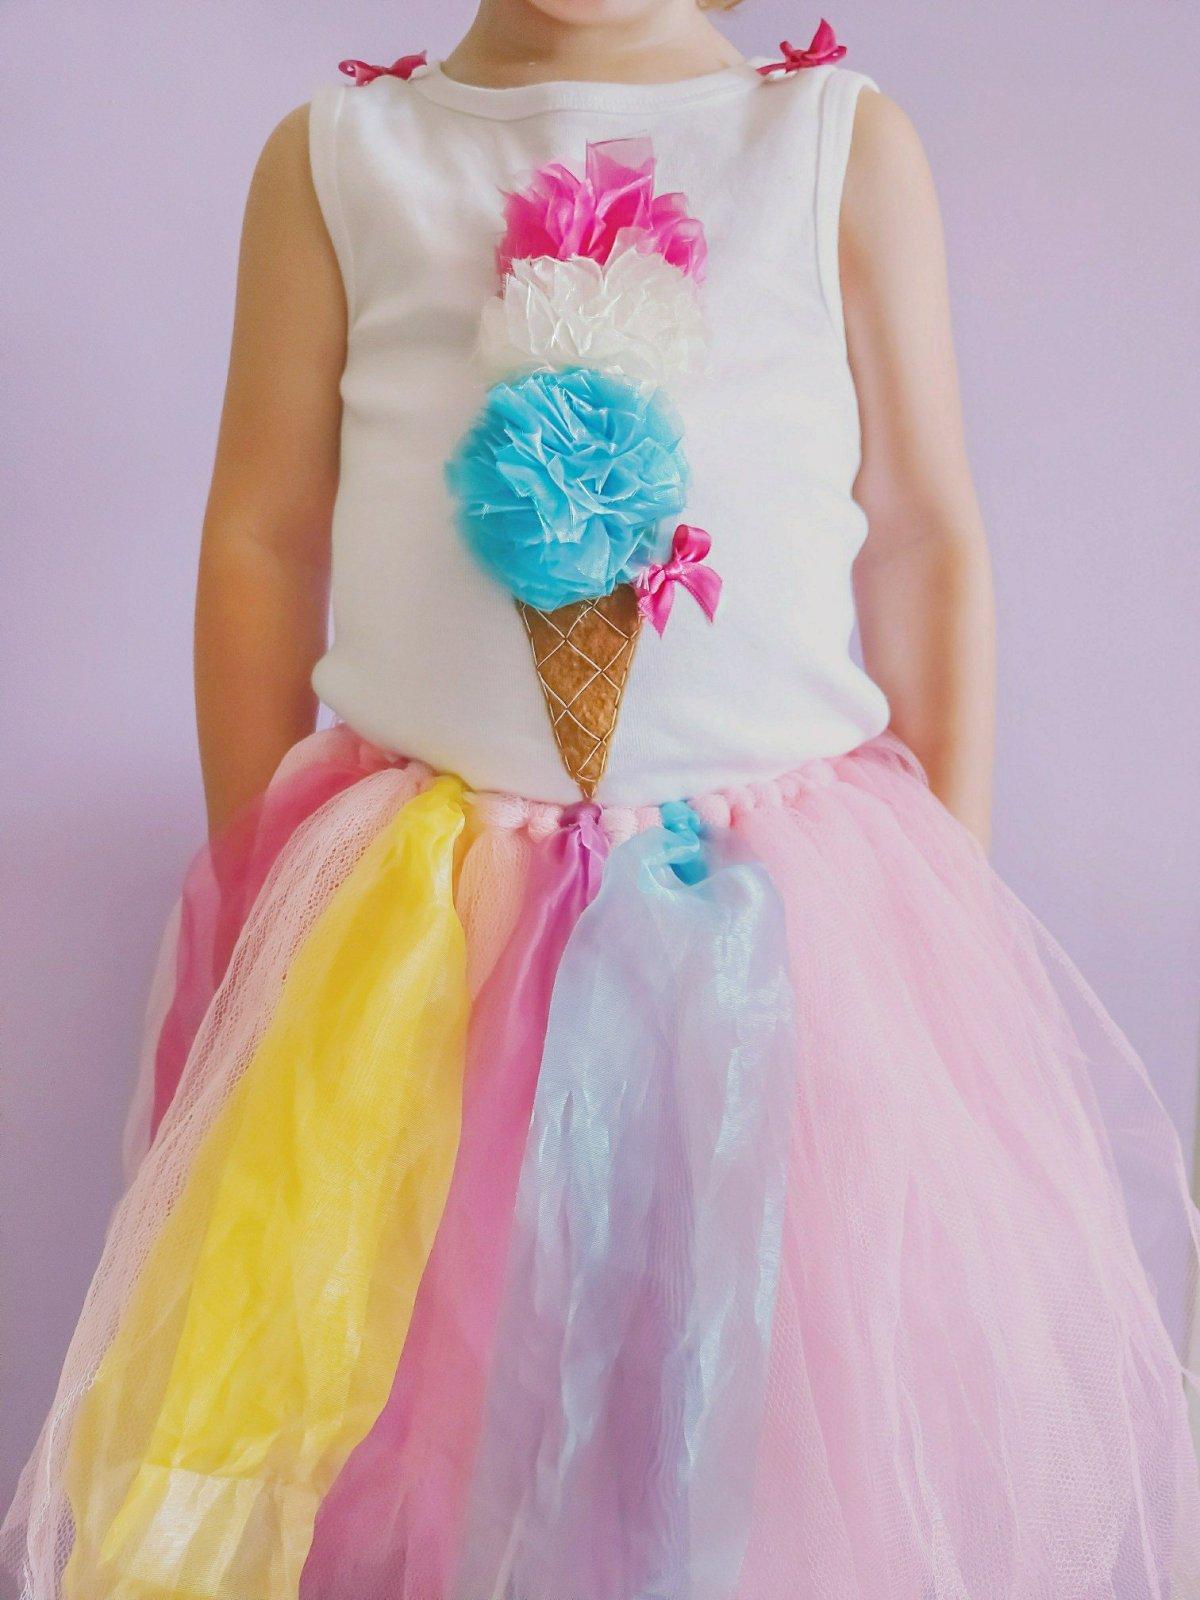 Ein DIY Eis T-Shirt für Kinder ist superschnell gemacht, sieht niedlich aus und ist eine tolle Idee zum selbermachen für den Sommer